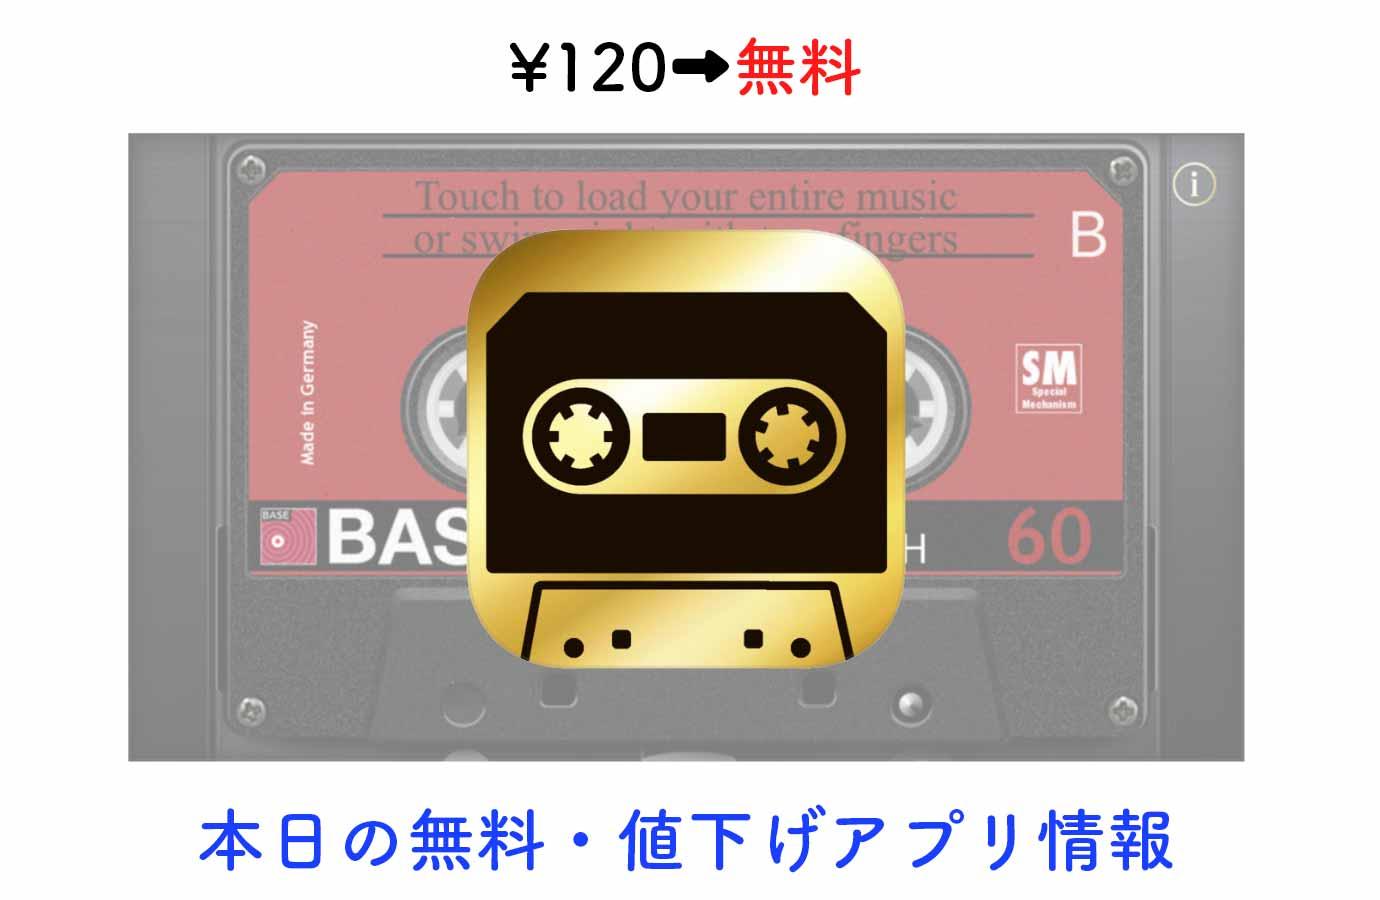 ¥120→無料、カセットプレイヤー風のミュージックプレイヤー「Cassette Gold」など【7/21】本日の無料・値下げアプリ情報